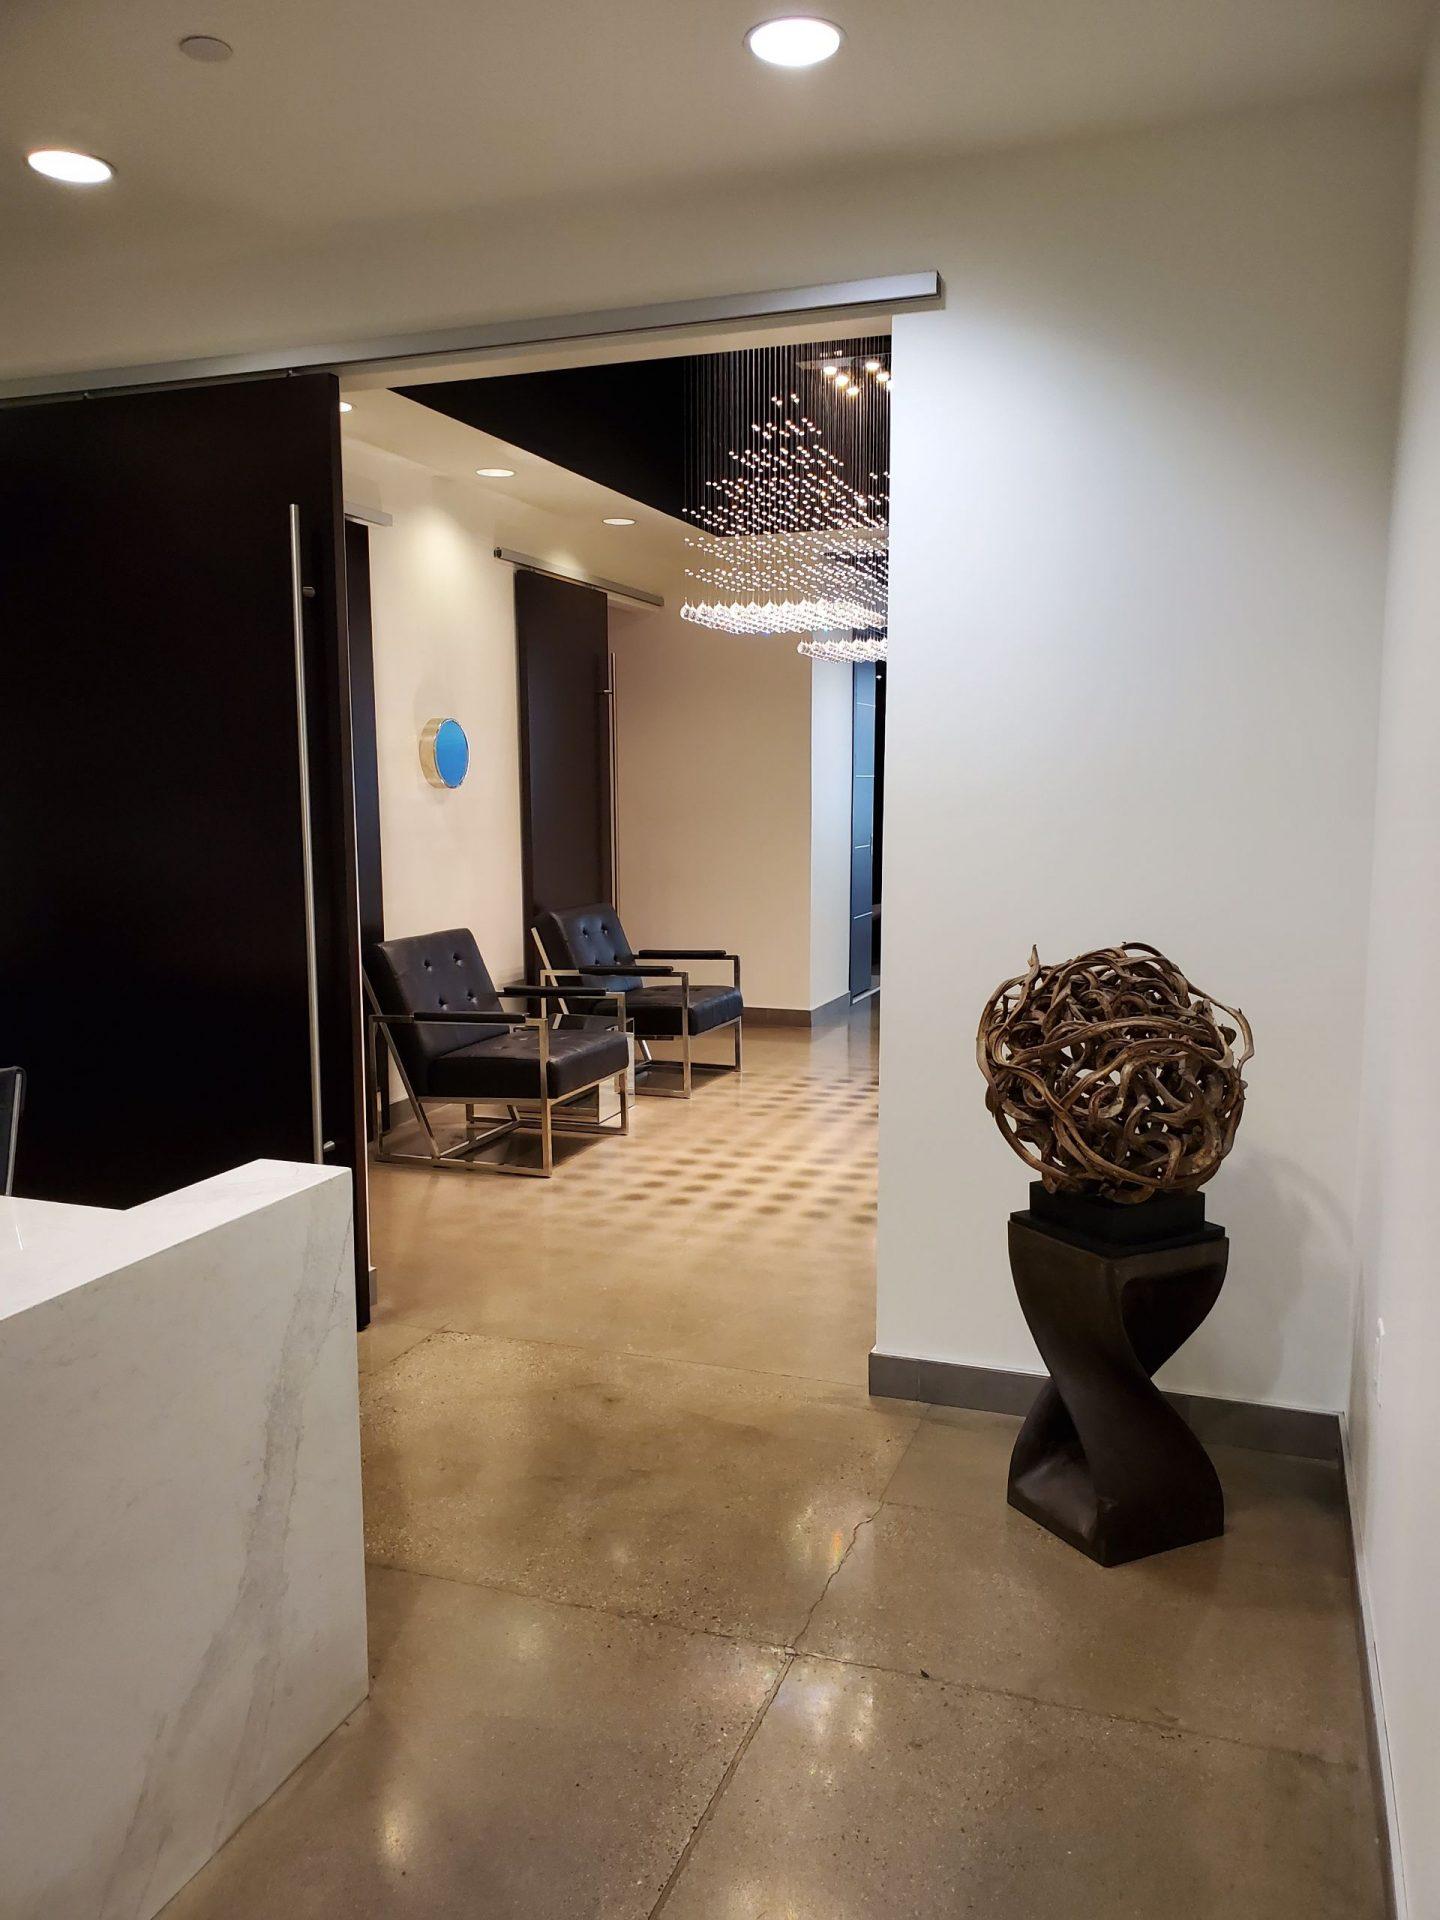 Robotic hair restoration office